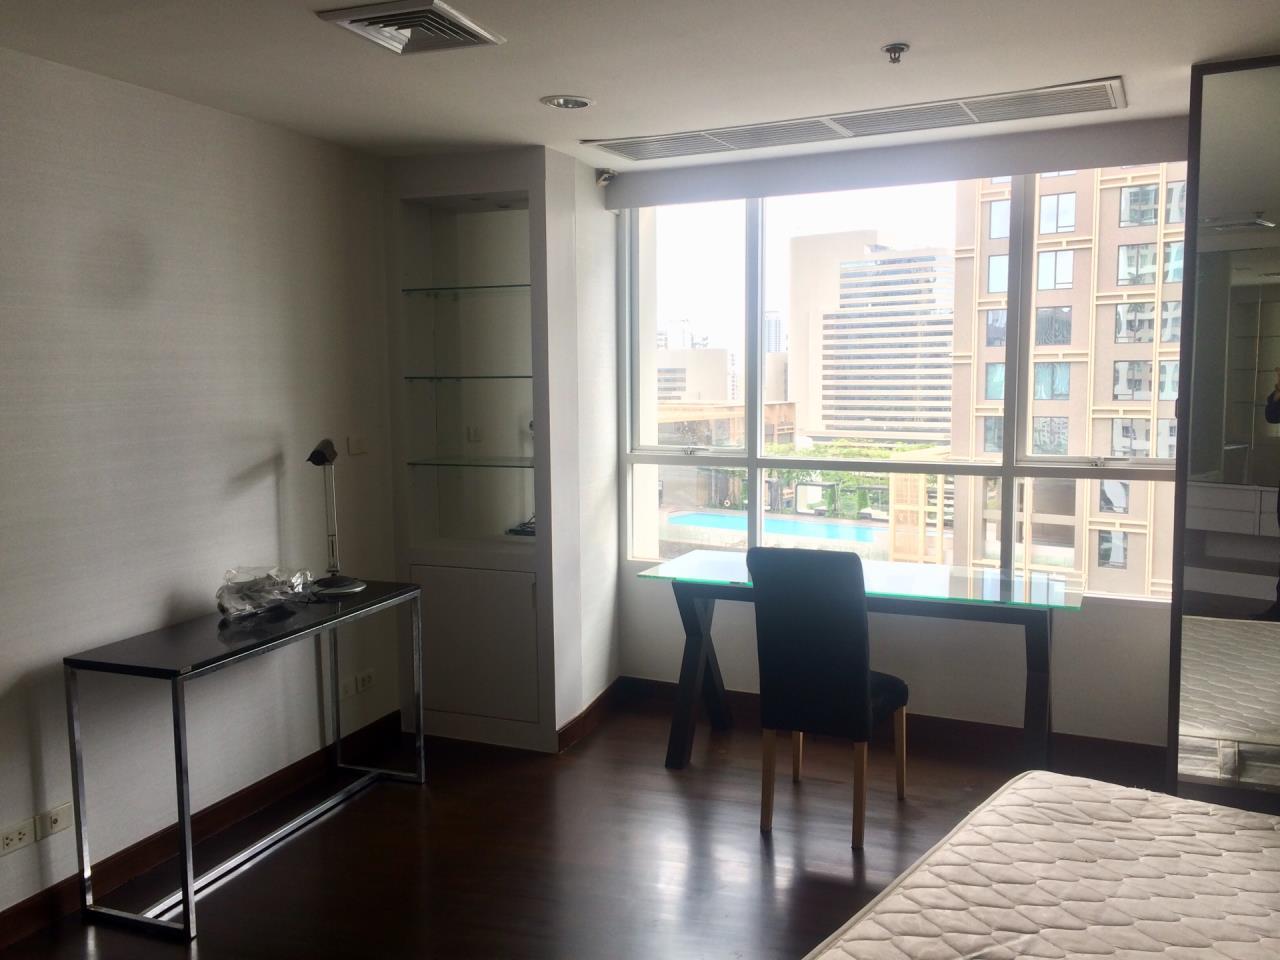 Quality Life Property Agency's 1-BEDROOM CONDO FOR RENT IN URBANA LANGSUAN 17 FOOR 5